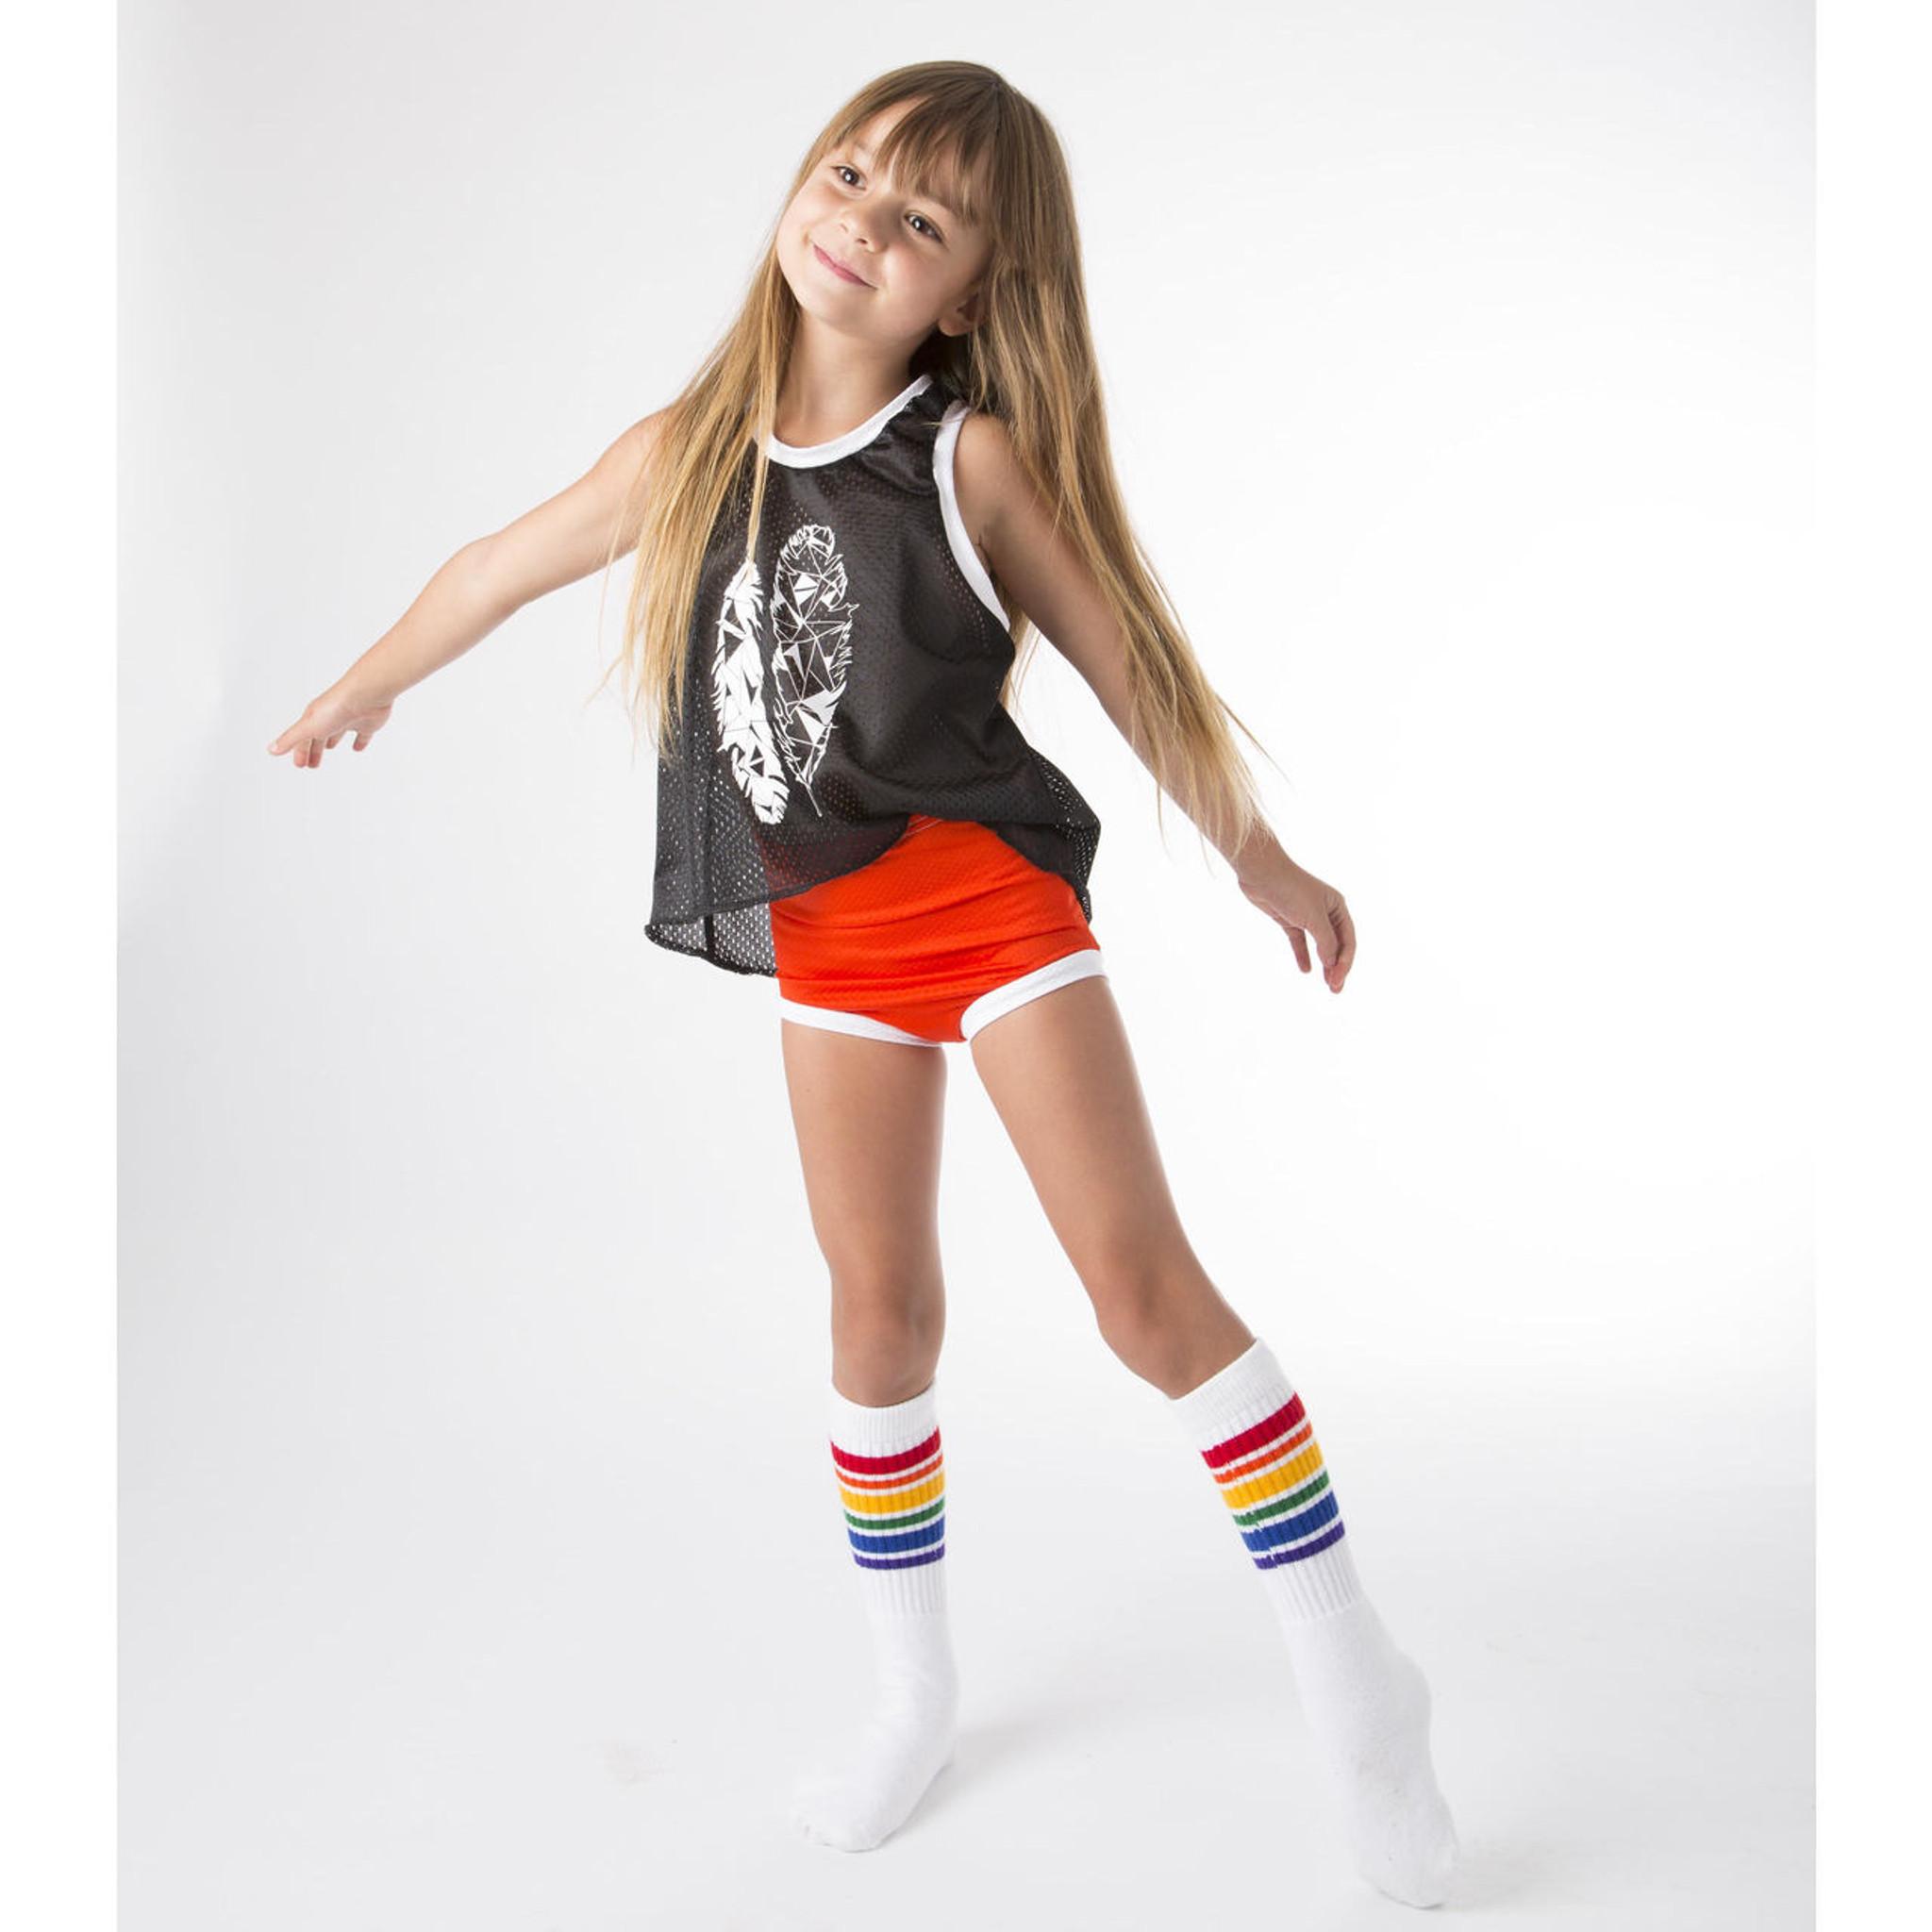 b0ca5bbe486 Fearless- Kids Tube Socks